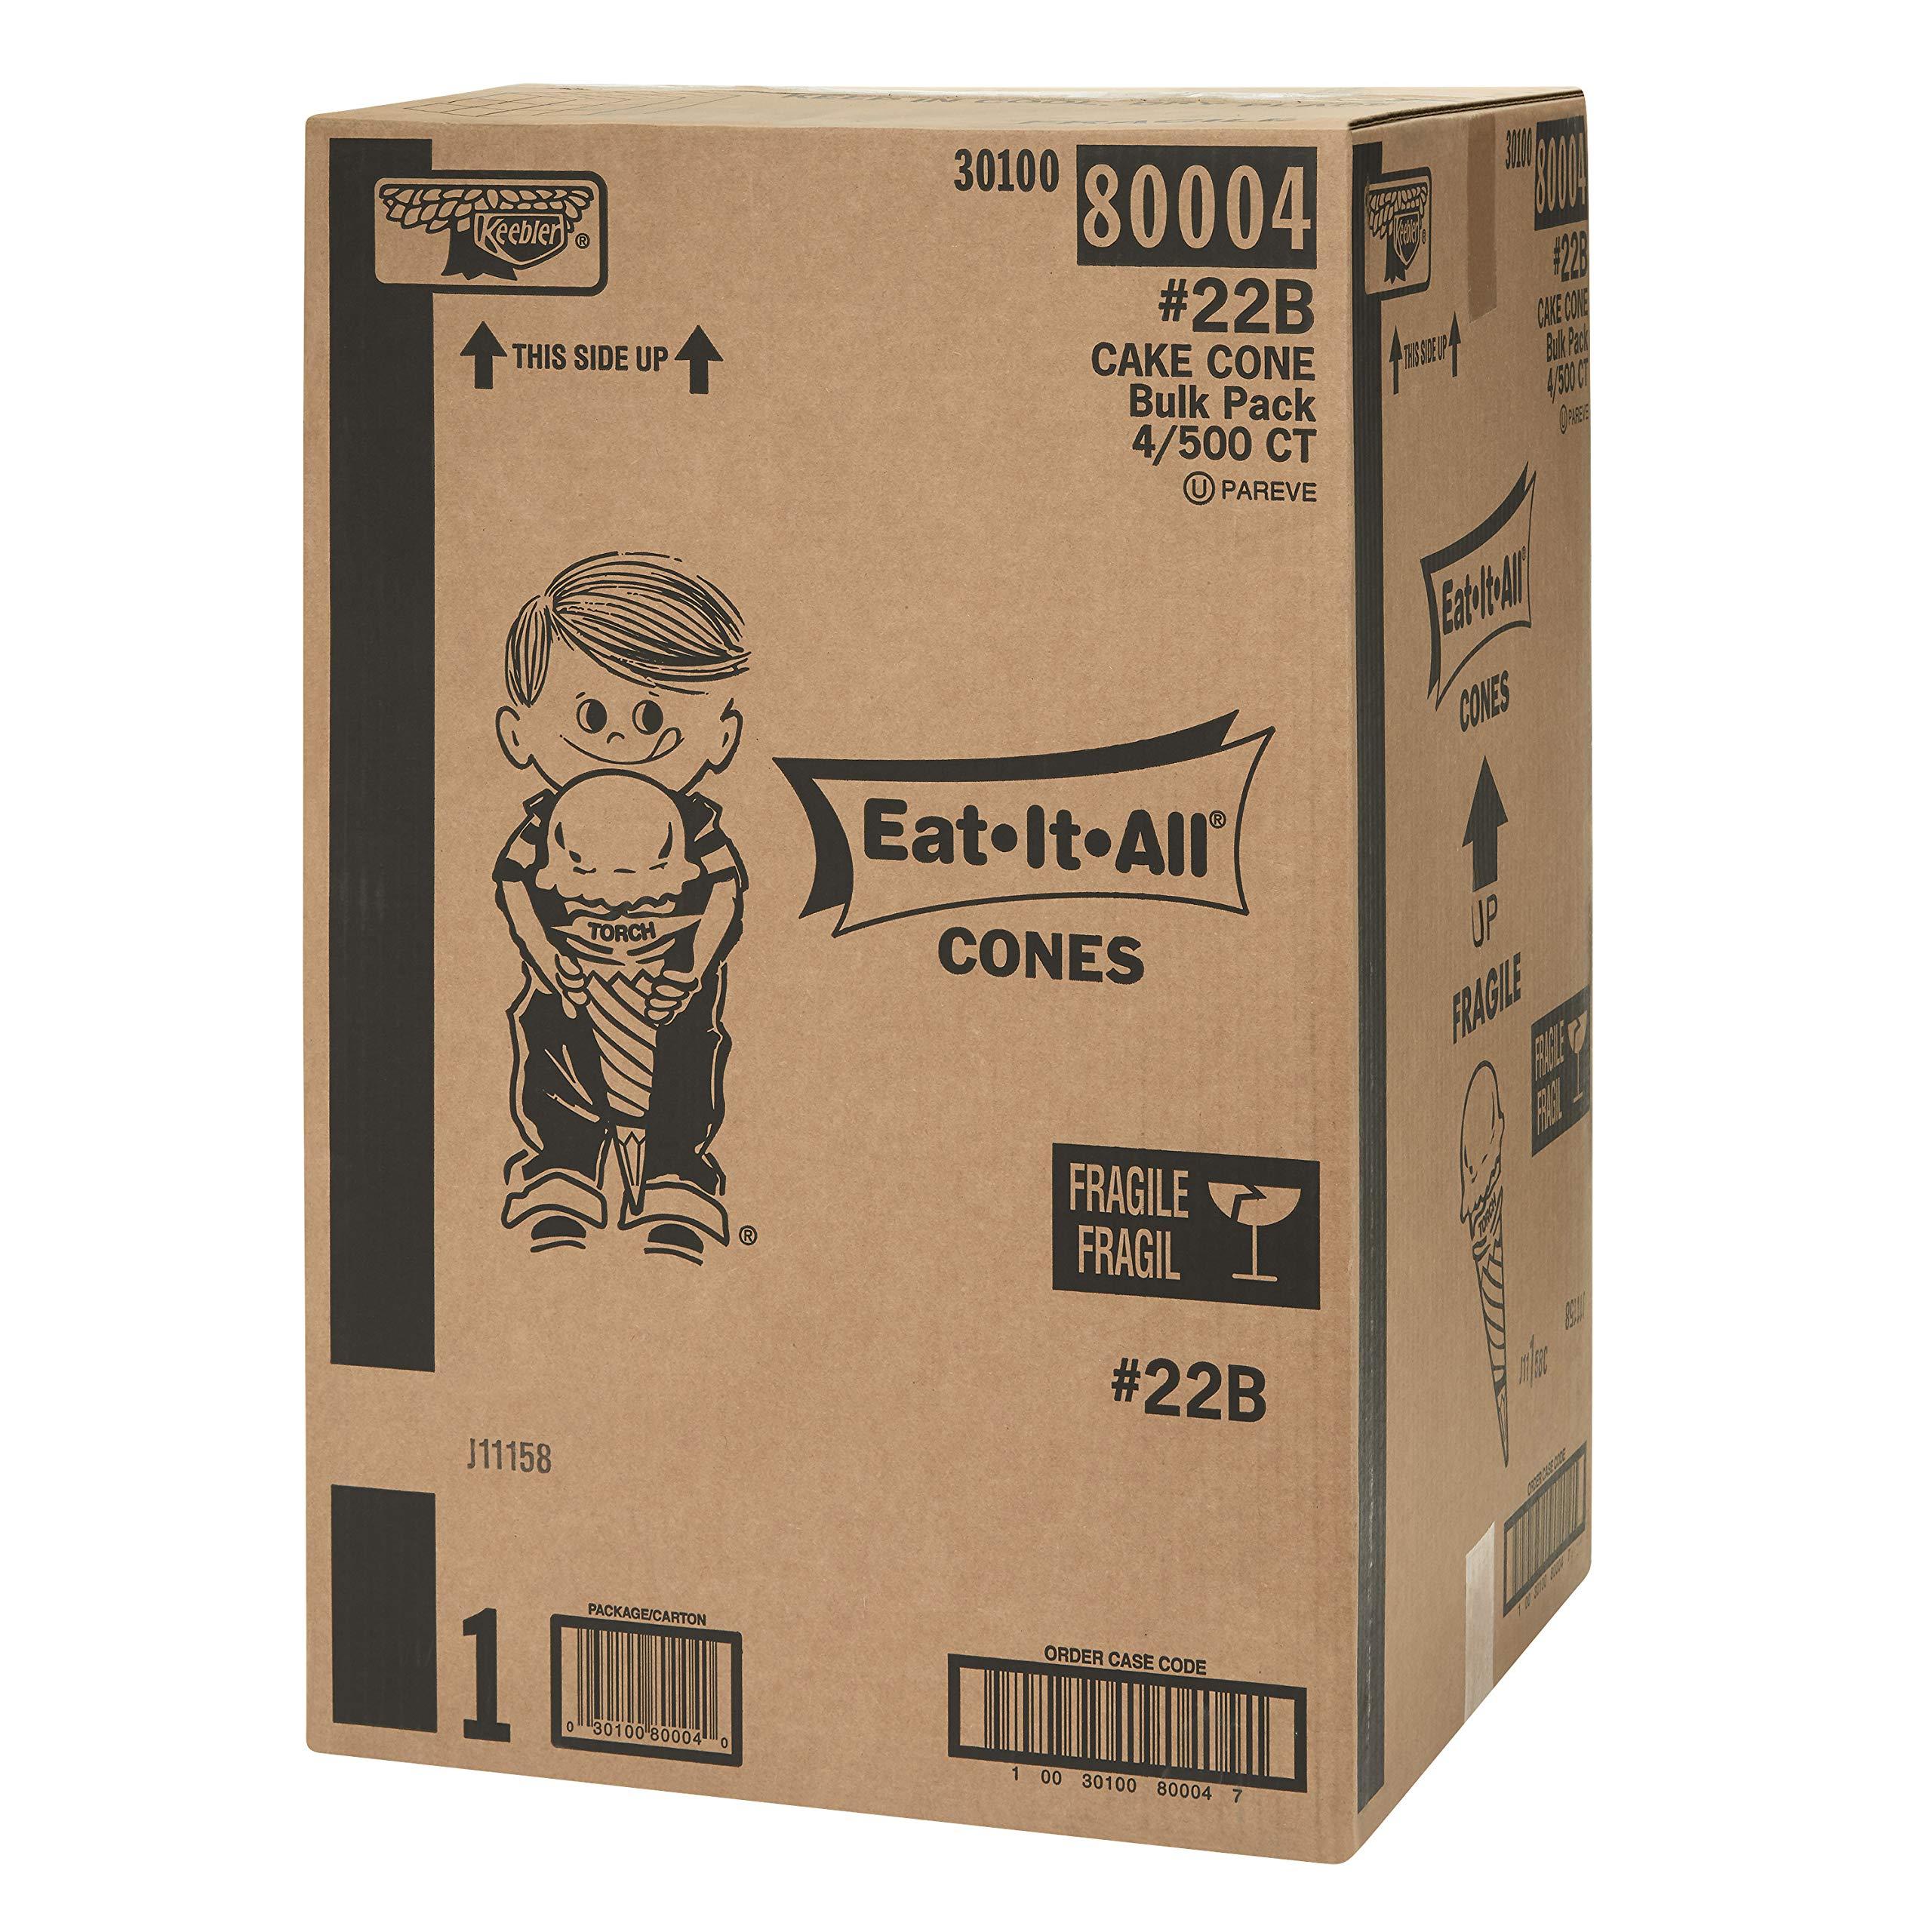 Keebler Original Cake Cones (Pack of 2000) by Keebler (Image #2)